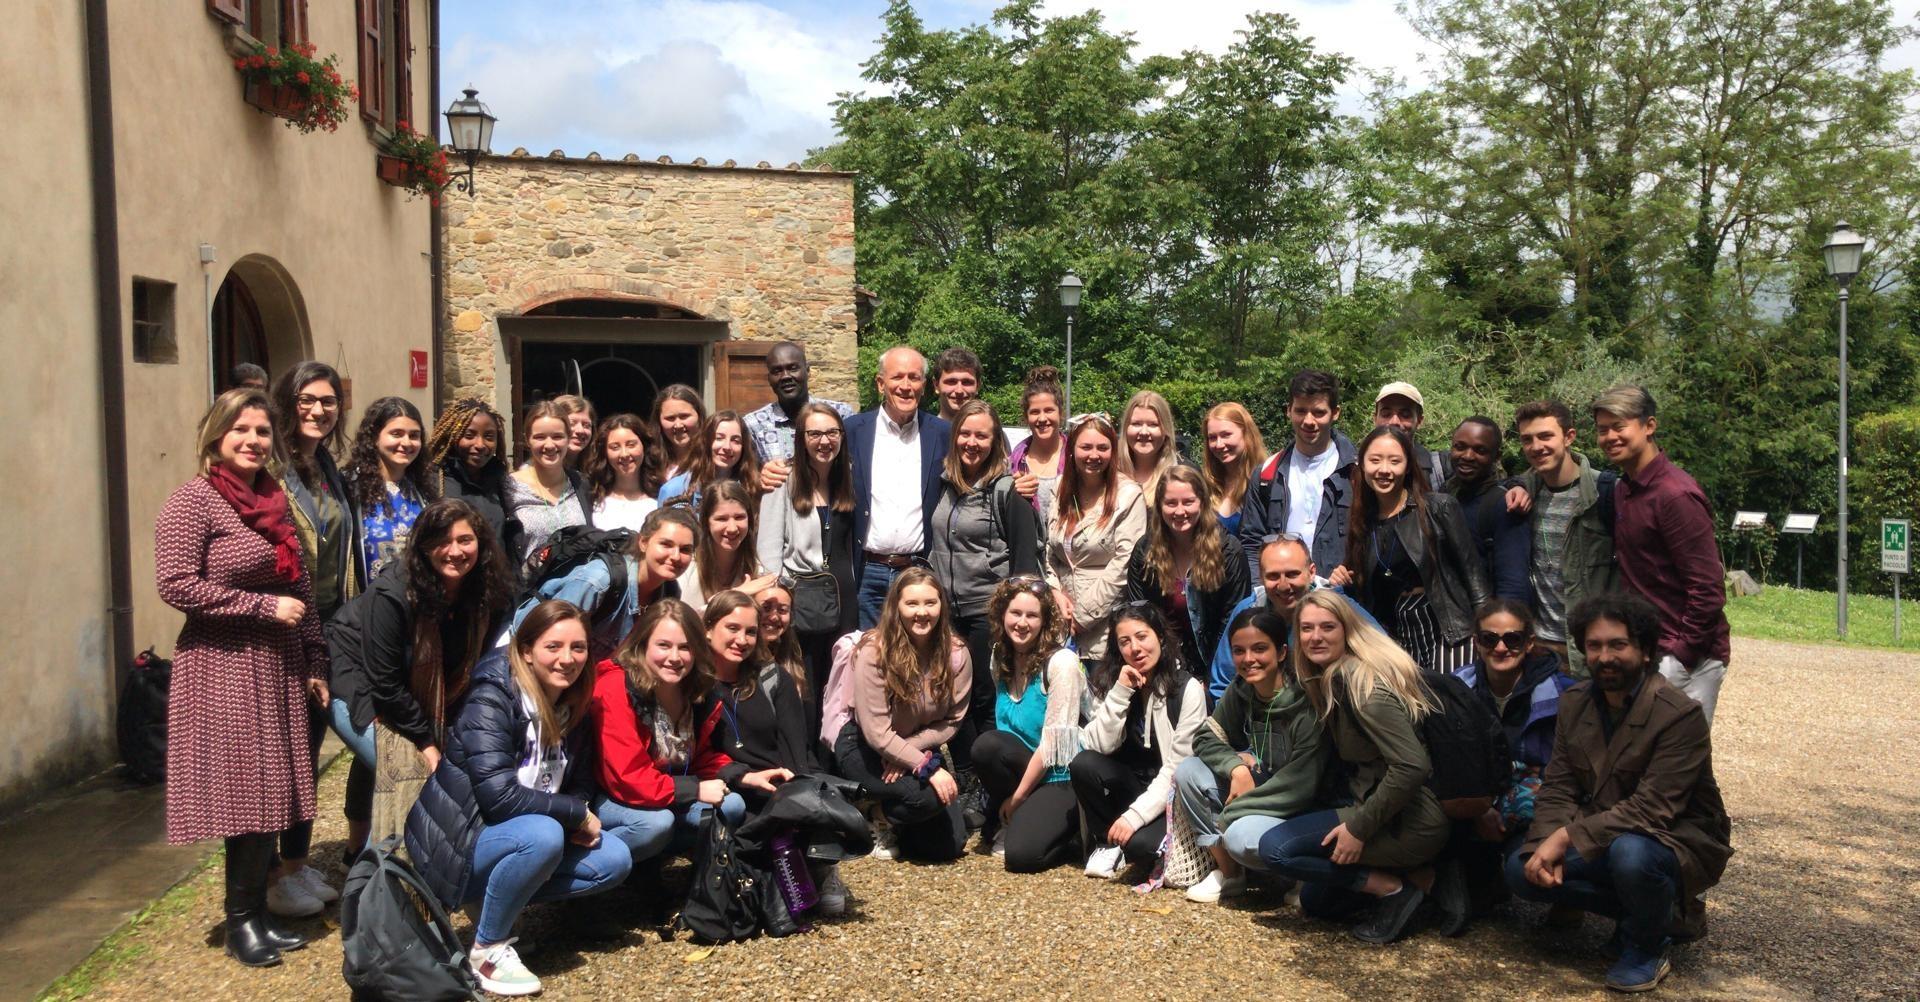 UWO Study abroad at Rondine: un nuovo modo di vedere il mondo. L'esperienza degli studenti canadesi